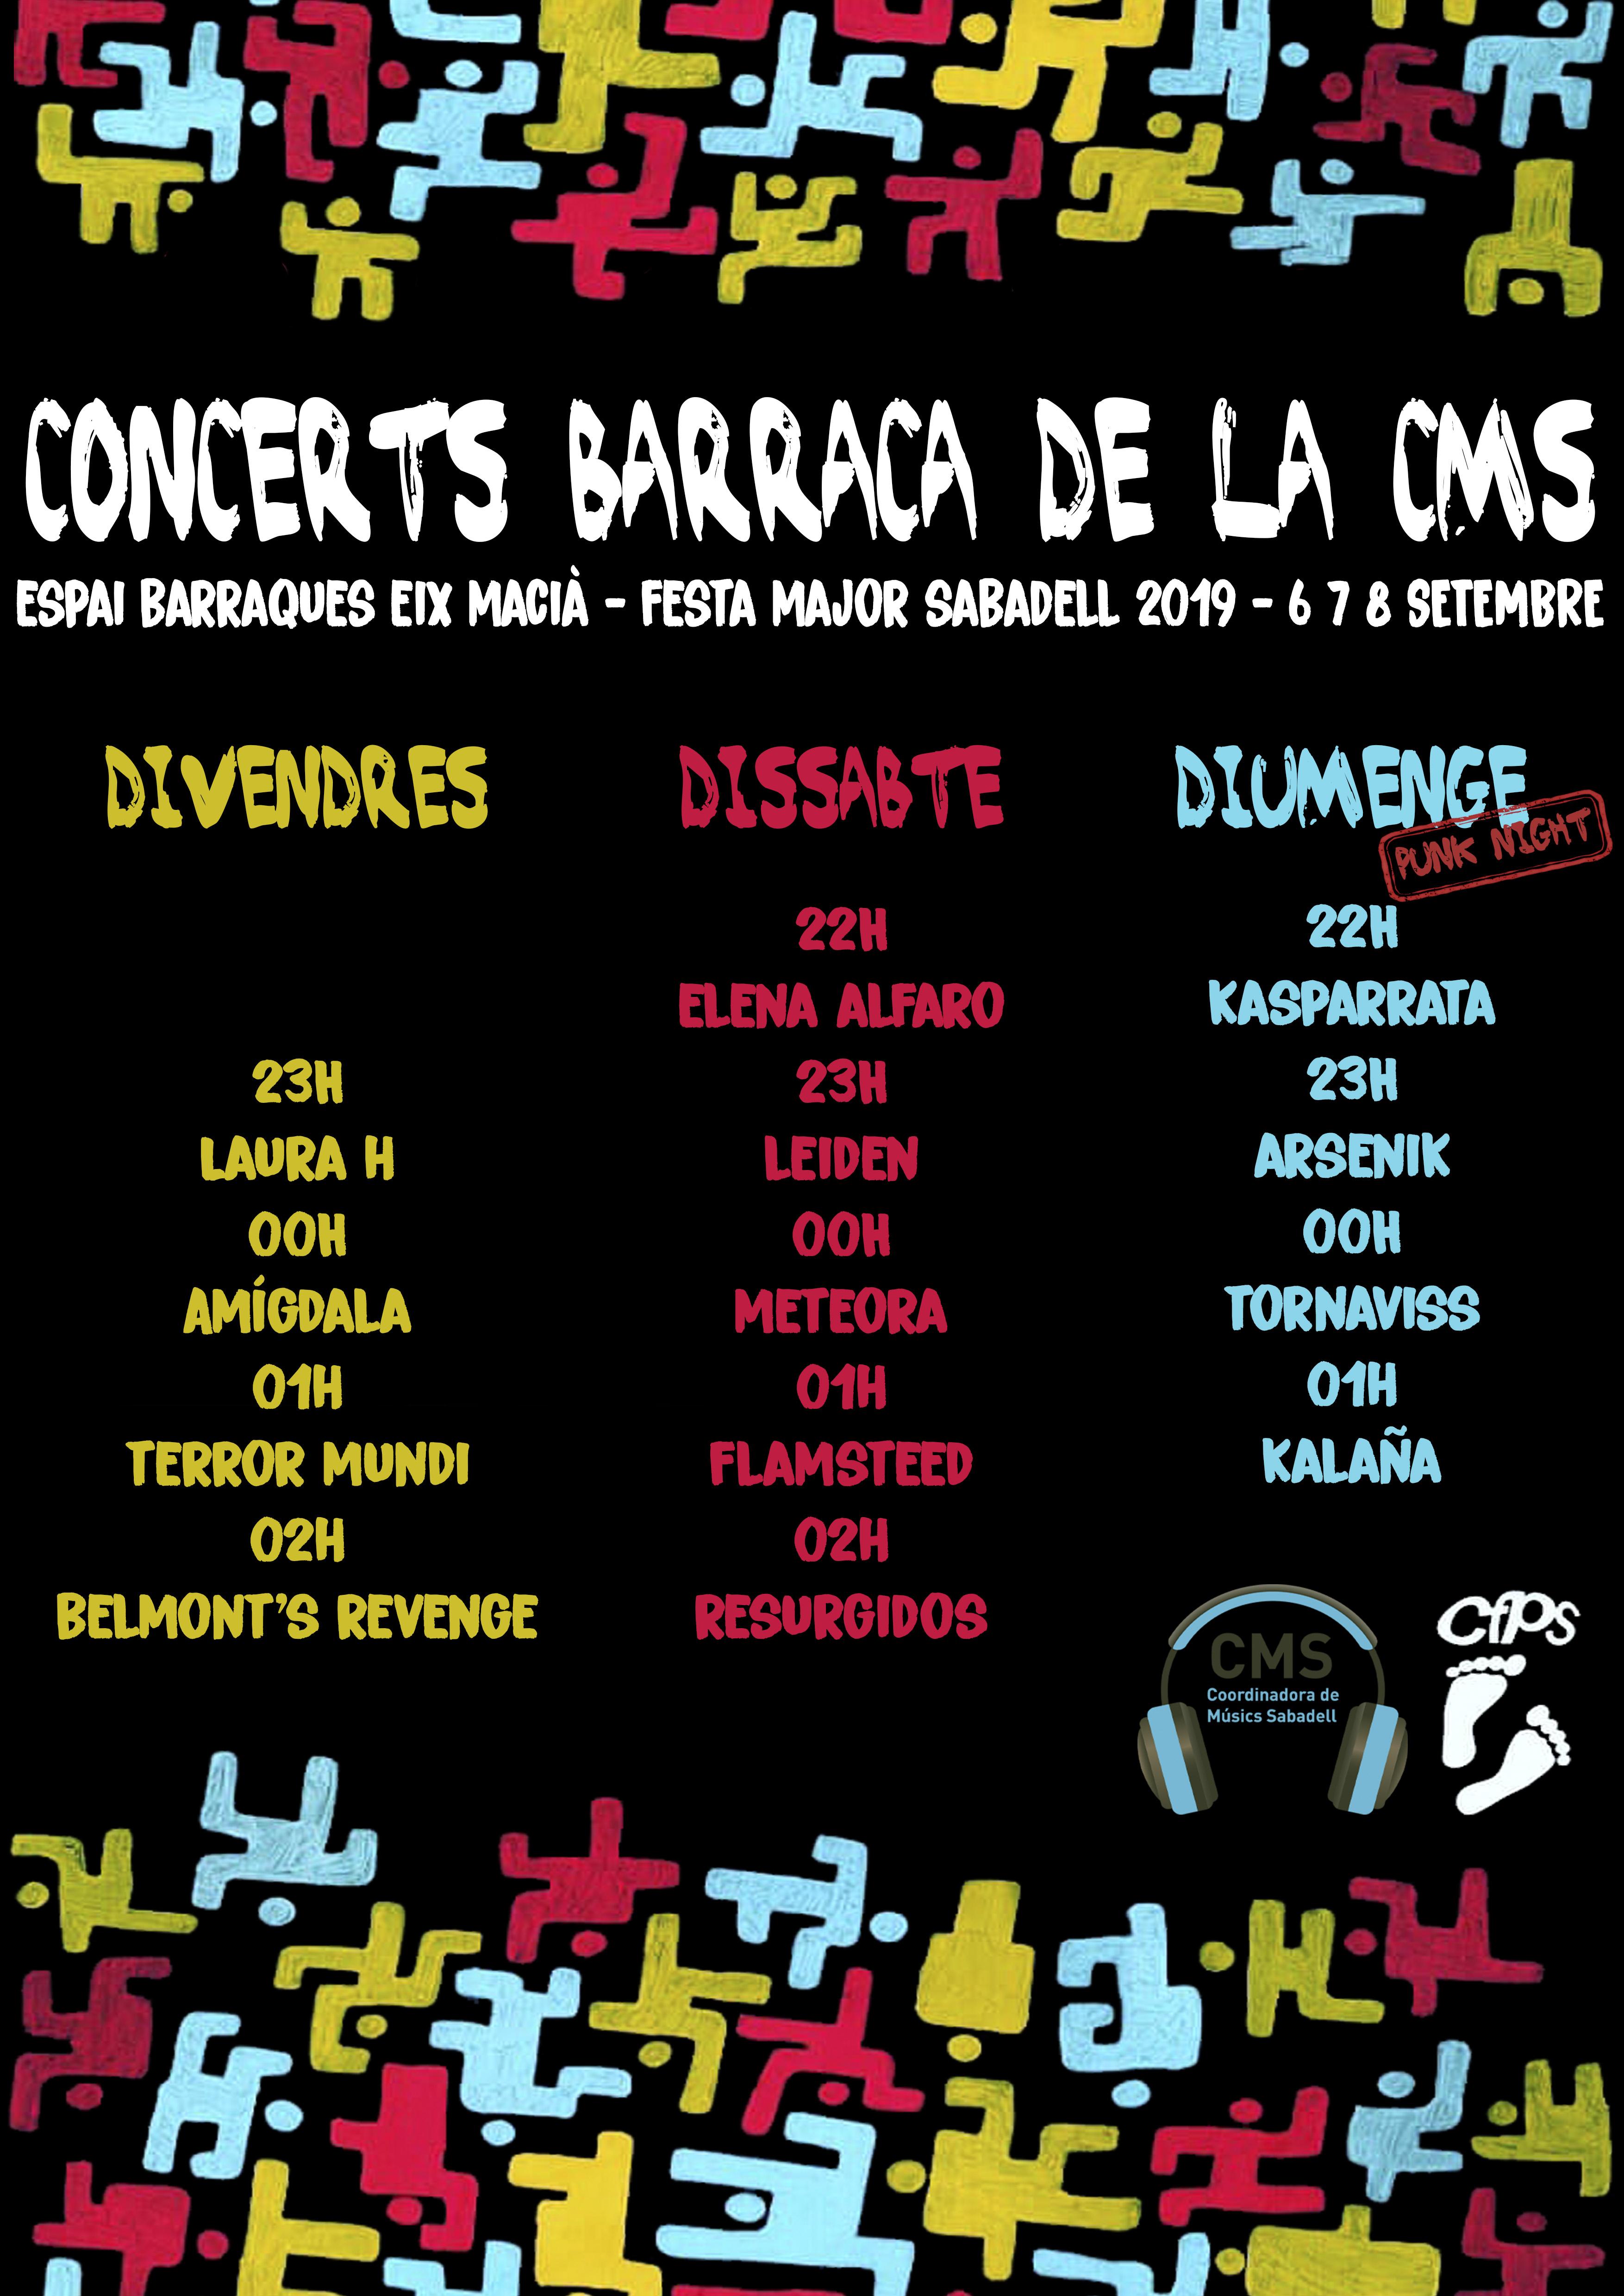 Concerts Barraca CMS a la Festa Major Sabadell